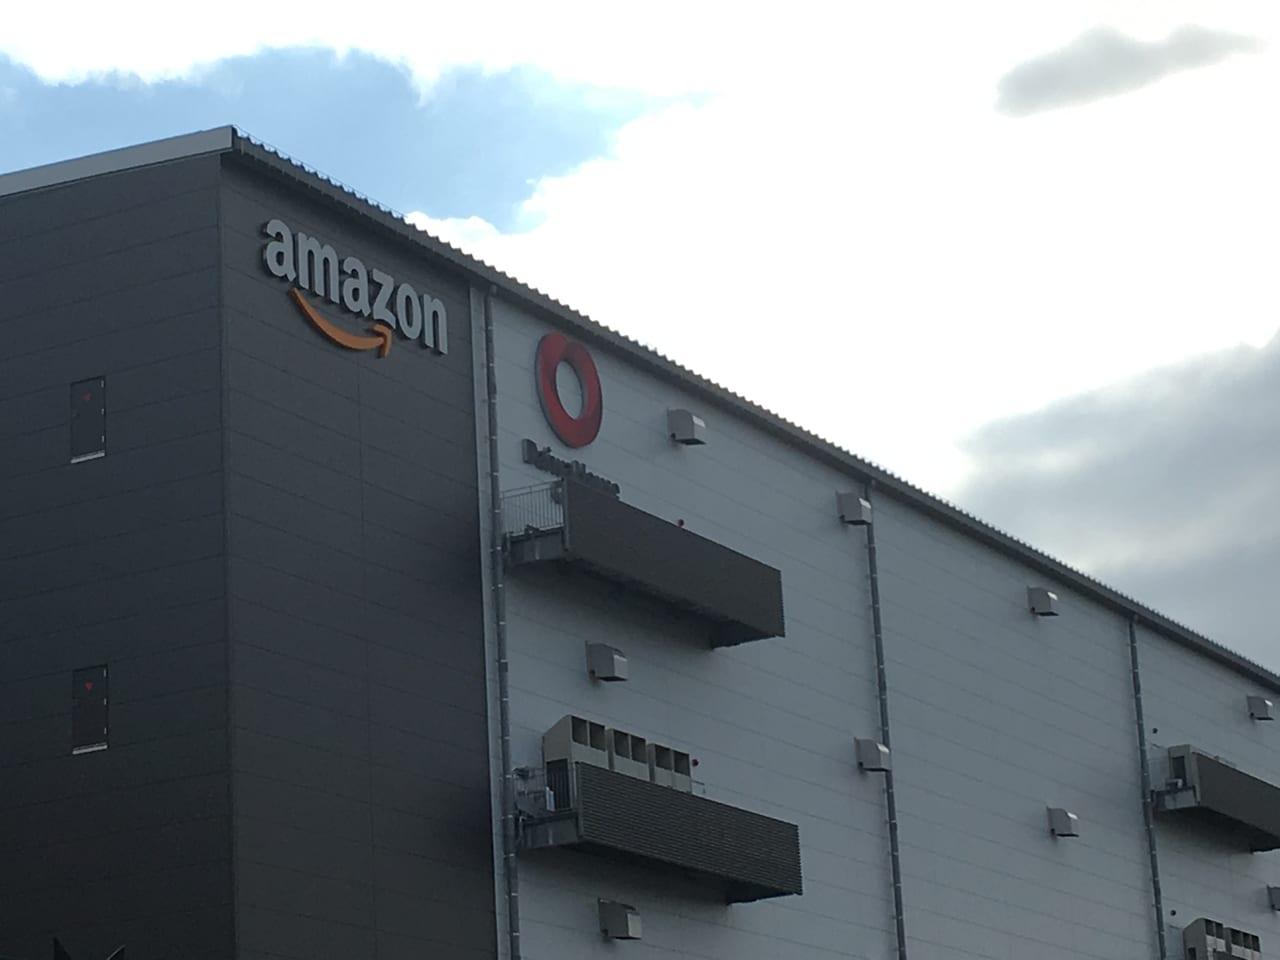 アマゾン倉庫関西ゲートウェイ